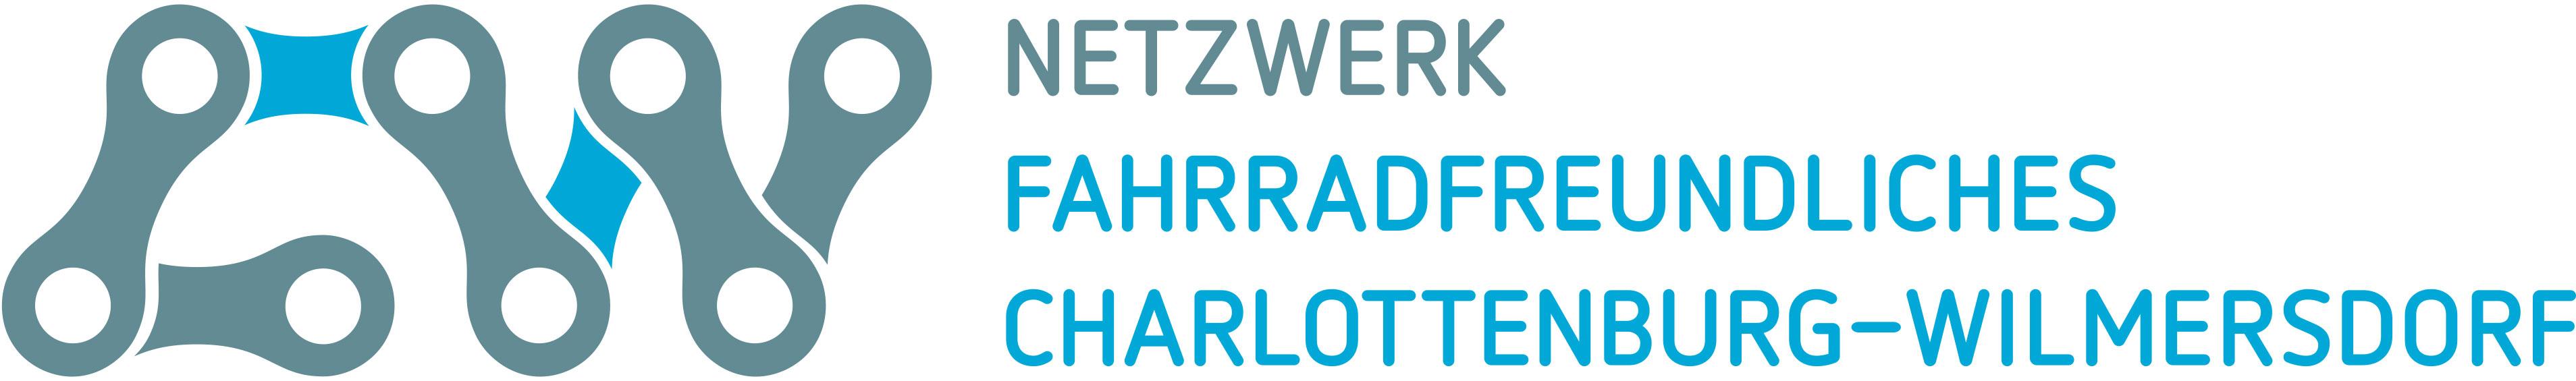 Netzwerk Fahrradfreundliches Charlottenburg-Wilmersdorf